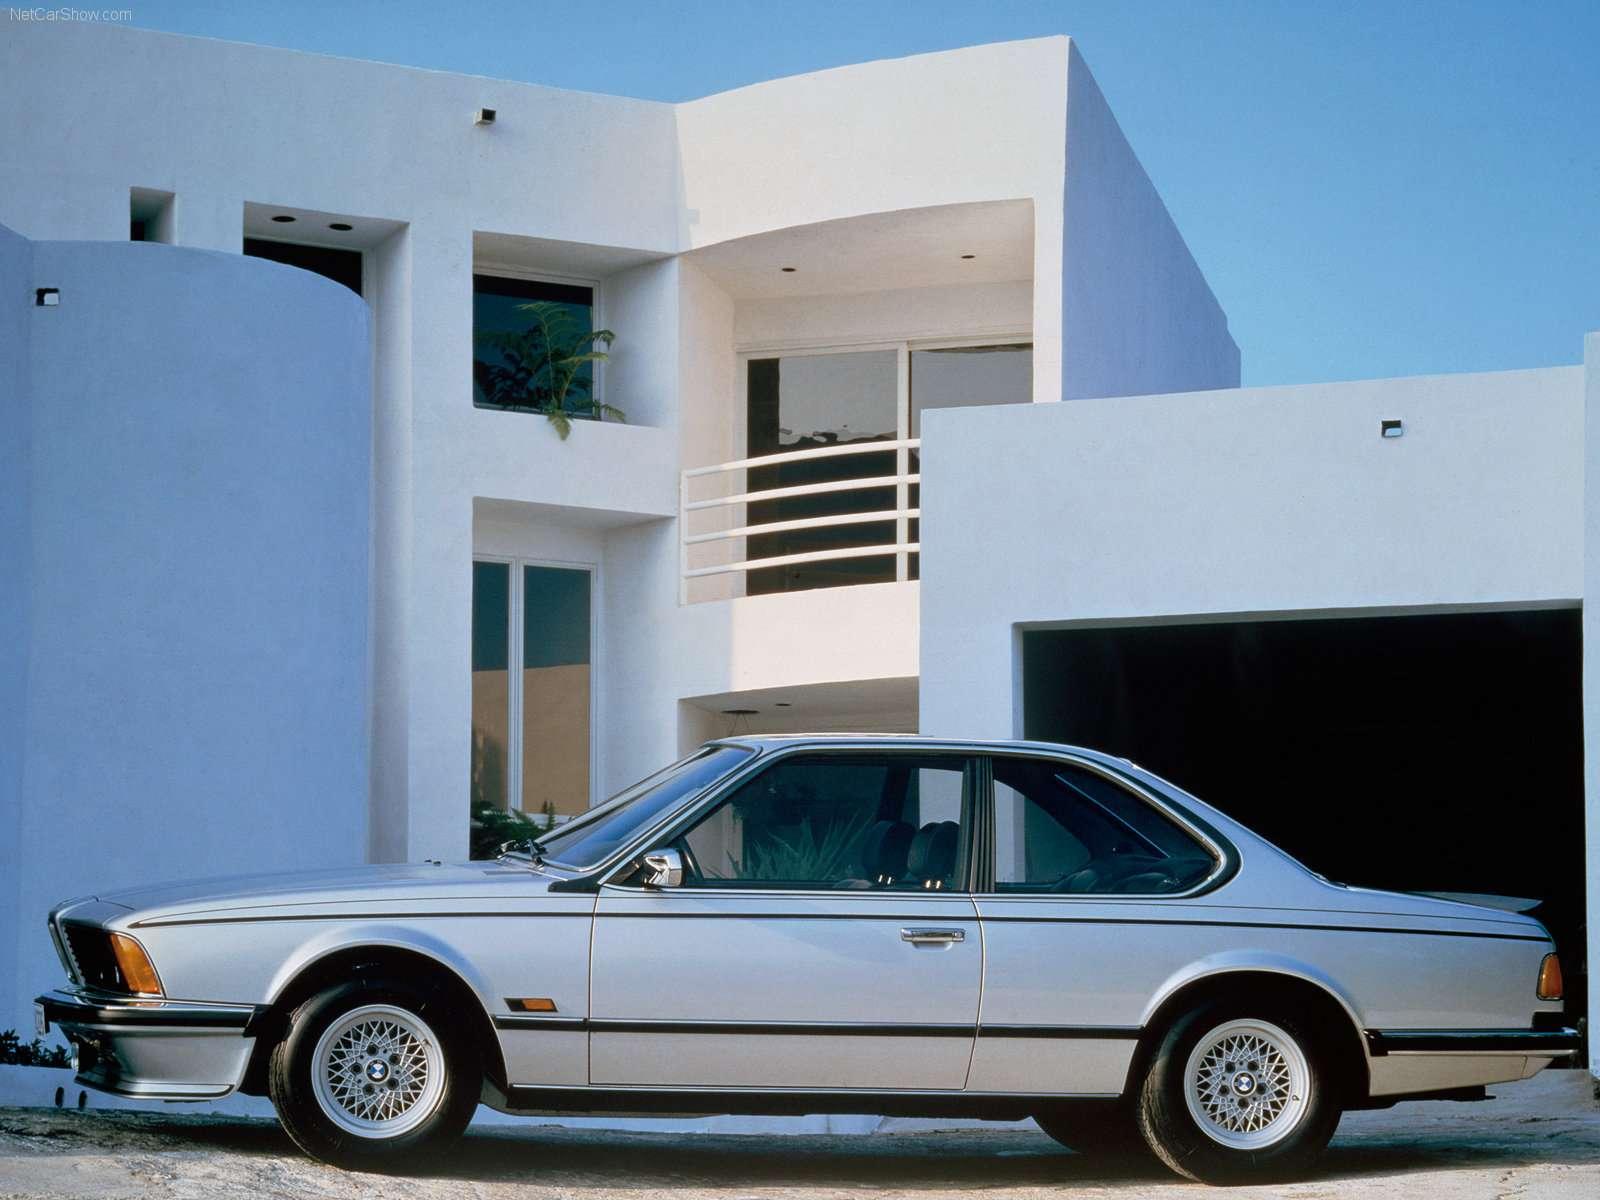 BMW 635 CSi (E24) - 2